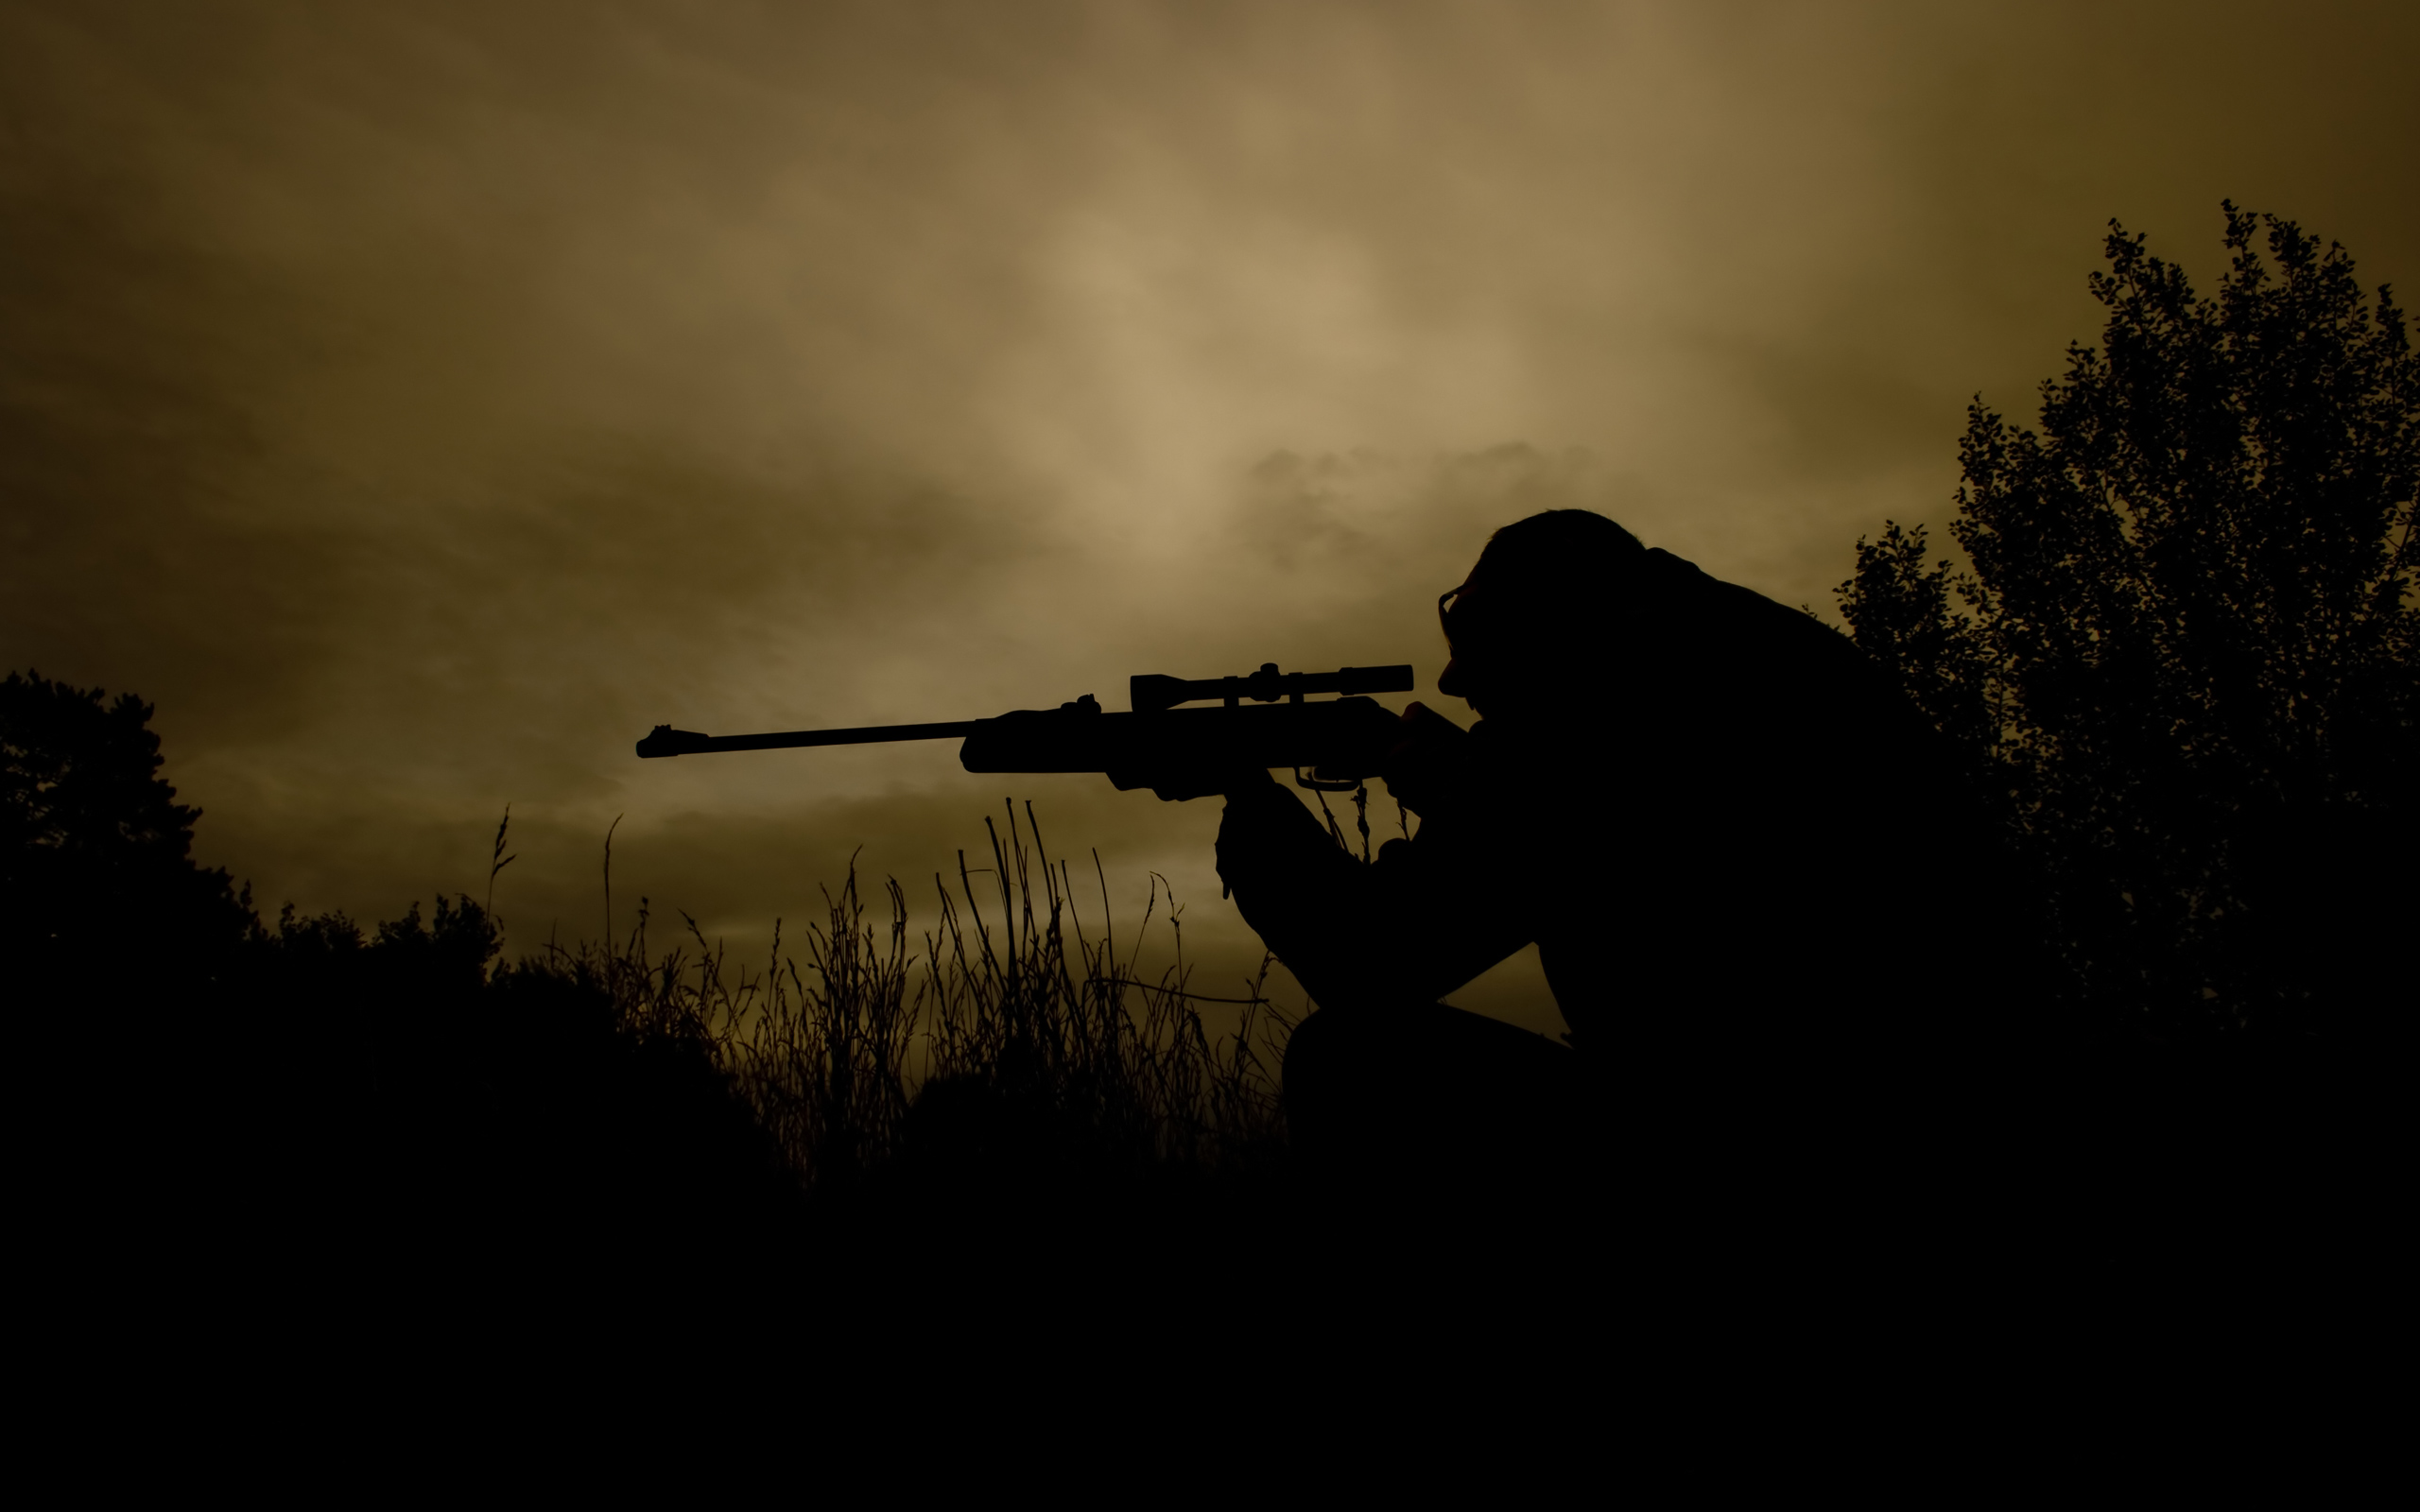 Drawn snipers wallpaper Wallpaper wallpaper ID:105977 HD 2560x1600